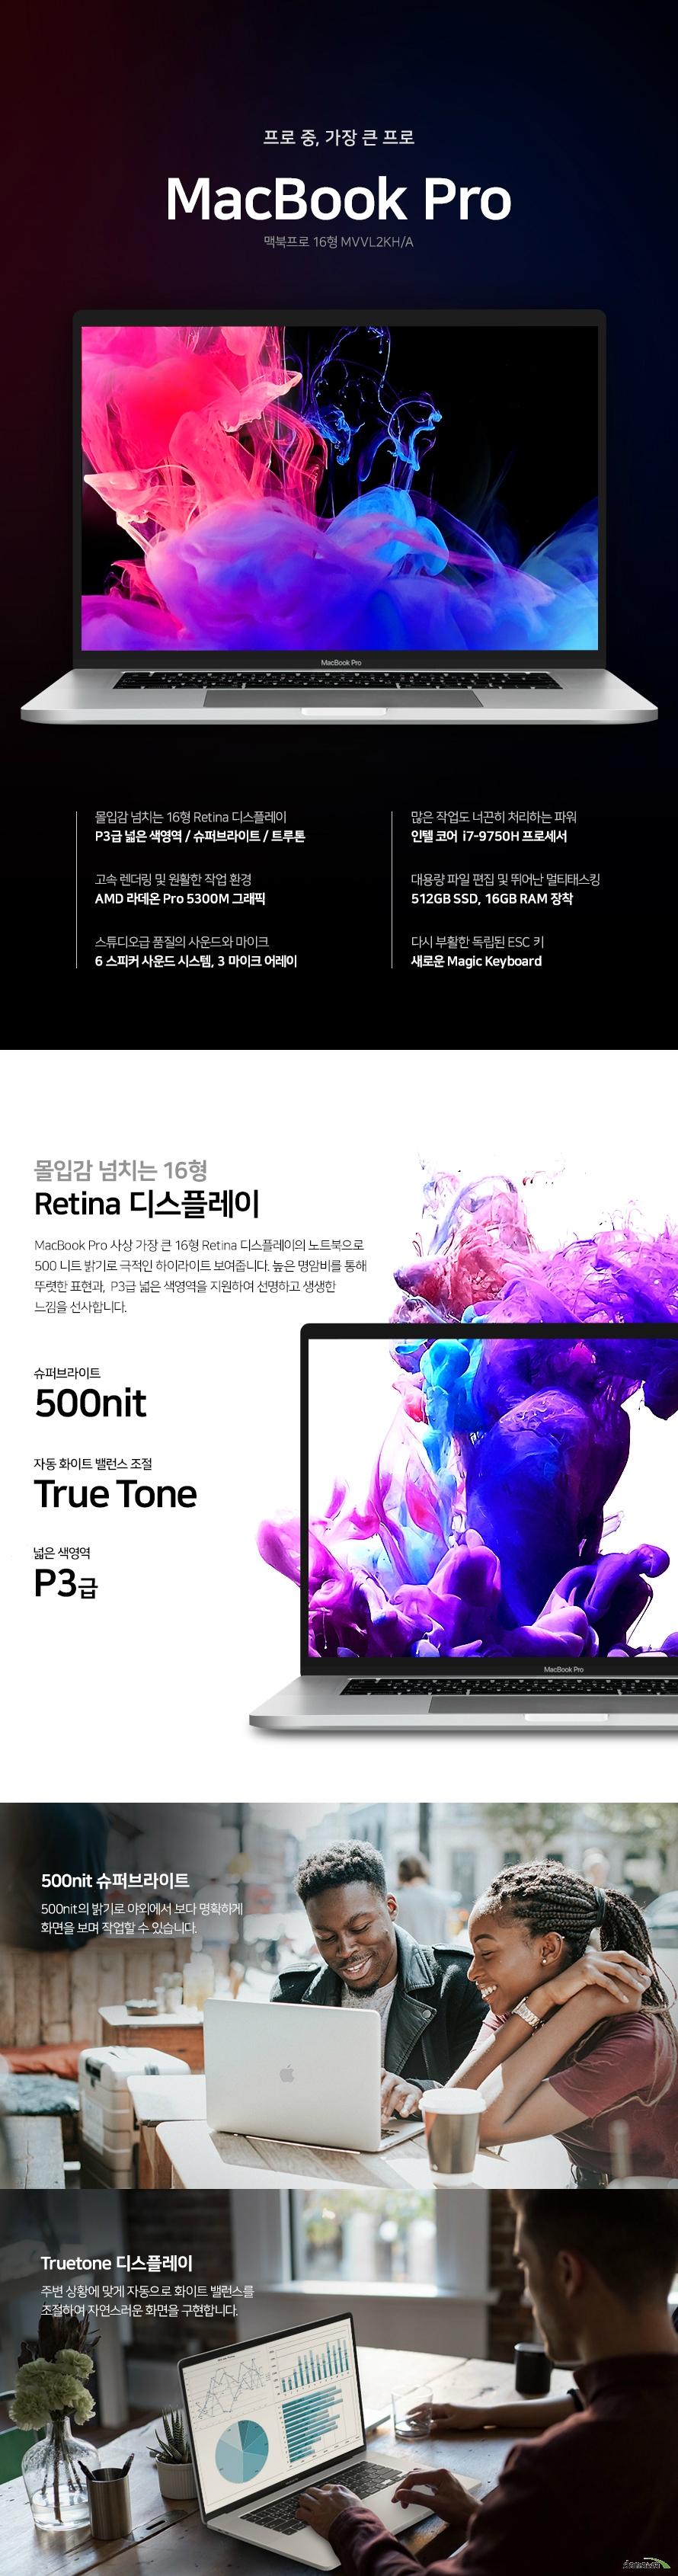 프로 중 가장 큰프로  macbook pro 몰입감 넘치는 16형 Retina 디스플레이 P3급 넓은 색영역 / 슈퍼브라이트 / 트루톤 많은 작업도 너끈히 처리하는 파워 인텔 코어 프로세서  고속 렌더링 및 원활한 작업 환경 AMD 라데온 그래픽 대용량 파일 편집 및 뛰어난 멀티태스킹  장착 스튜디오급 품질의 사운드와 마이크 6 스피커 사운드 시스템, 3 마이크 어레이  다시 부활한 독립된 ESC 키  새로운 Magic Keyboard 몰입감 넘치는 16형 Retina 디스플레이 MacBook Pro 사상 가장 큰 16형 Retina 디스플레이의 노트북으로  500 니트 밝기로 극적인 하이라이트 보여줍니다. 높은 명암비를 통해 뚜렷한 표현과,  P3급 넓은 색영역을 지원하여 선명하고 생생한 느낌을 선사합니다.  500nit 슈퍼브라이트 500nit의 밝기로 야외에서 보다 명확하게  화면을 보며 작업할 수 있습니다. Truetone 디스플레이 주변 상황에 맞게 자동으로 화이트 밸런스를 조절하여 자연스러운 화면을 구현합니다.  많은 작업도 너끈히 처리하는 파워  인텔 코어 프로세서 다중 작업, 고사양 게임에 최적화된 프로세서인 9세대 인텔 코어 프로세서는 게임 장르를 가리지 않는 최고의 성능을 자랑합니다. 전 세대 대비 업그레이드된 성능으로 4K 편집 생산성이 더욱 증가되어 게이밍뿐만 아니라 영상 작업, 3D 렌더링 등 고사양을 요구하는 작업도 원활하며 실시간 게임 스트리밍도 무리 없이 진행합니다. 대용량 파일 편집 및  뛰어난 멀티태스킹  하이엔드급의 게이밍 환경과 고사양에 적합한 용량으로 고사양 게임부터 전문적인 영상 편집, 3D 렌더링 작업 등을 빠르고 원활하게 작업할 수 있게 도와줍니다. 방대한 용량과 빠른 속도의 저장 장치 넉넉한 용량의 SSD로  걱정없이 작업물을 저장하세요. 여러 대용령 파일을 불러오는 것, 전문가용 프로그램을 실행하는 것도 순식간에 할 수 있습니다.   고속 렌더링 및 원활한 작업 환경 라데온 데스크탑급의 그래픽을 보여주는 라데온 Pro 그래픽카드와 매끄럽고 원활한 고해상도 그래픽 환경을 경험해보세요. 고속 렌더링과 원활한 작업이 가능하게 도와주어, 그래픽 업무의 효율성이 더욱 증가됩니다. 스튜디오급 품질의 사운드와 마이크 6 스피커 사운드 시스템과 3마이크 어레이로 스튜디오급 품질로 작업을 진행하세요. 듀얼 포스 캔슬링 우퍼가 더 웅장한 베이스와 자연스러운 사운드를 구현하고, 전문가용 서드파티 마이크에 버금가는 성능으로 깨끗한 음질의 녹음 작업이 가능합니다. 다시 부활한 독립된 ESC키 새로운 Magic Keyboard 새롭게 다듬어진 가위식 메커니즘이 적용된 Magic Keyboard는  키 트래블이 1mm로 최적화되어 빠른 반응 속도는 물론, 편안하고 조용한 타이핑 경험을 선사합니다.  독립된 esc 키로는 각 모드와 보기를 빠르게 전환할 수 있습니다. 역 T자 배열의 방향키는  작업 시 커서 이동이나 방향 전환을 손쉽게 할 수 있도록 해줍니다.Touch Bar  진행 중인 업무에 맞춘 자주 쓰는 명령이 필요한 순간  바로 쓸 수 있게 배치되는 인터랙티브 방식으로 직관적인 컨트롤이 가능합니다. Force Touch 트랙패드 Multi-Touch 제스처를 활용해서 작업 속도를  높일 수 있습니다. 다양한 방식으로 MacBook Pro를 사용할 수 있습니다. 한 번 충전으로 더 오래 작업하는 100Wh 리튬 폴리머 배터리Apple 노트북 사상 최대의 배터리 용량인 100Wh 리튬 폴리머 배터리는 늘어난 사용 시간으로 무선 인터넷 사용 및 동영상 재생, 그래픽 작업 등 언제 어디서나, 한 번의 충전으로 더 오래 작업을 할 수 있습니다. 한층 더 강화된 보안  Apple T2 Security ChipApple T2 Security Chip은 강력한 MacBook Pro의 보안을 한층 더 강화합니다. 시스템 관리 컨트롤러, 오디오, SSD 컨트롤러와 같은 다양한 개별 컨트롤러들도 하나로 통합되고, Touch ID를 구동하고 보안 부팅 및 저장 장치 암호화 기능의 기반이 되는 Secure En